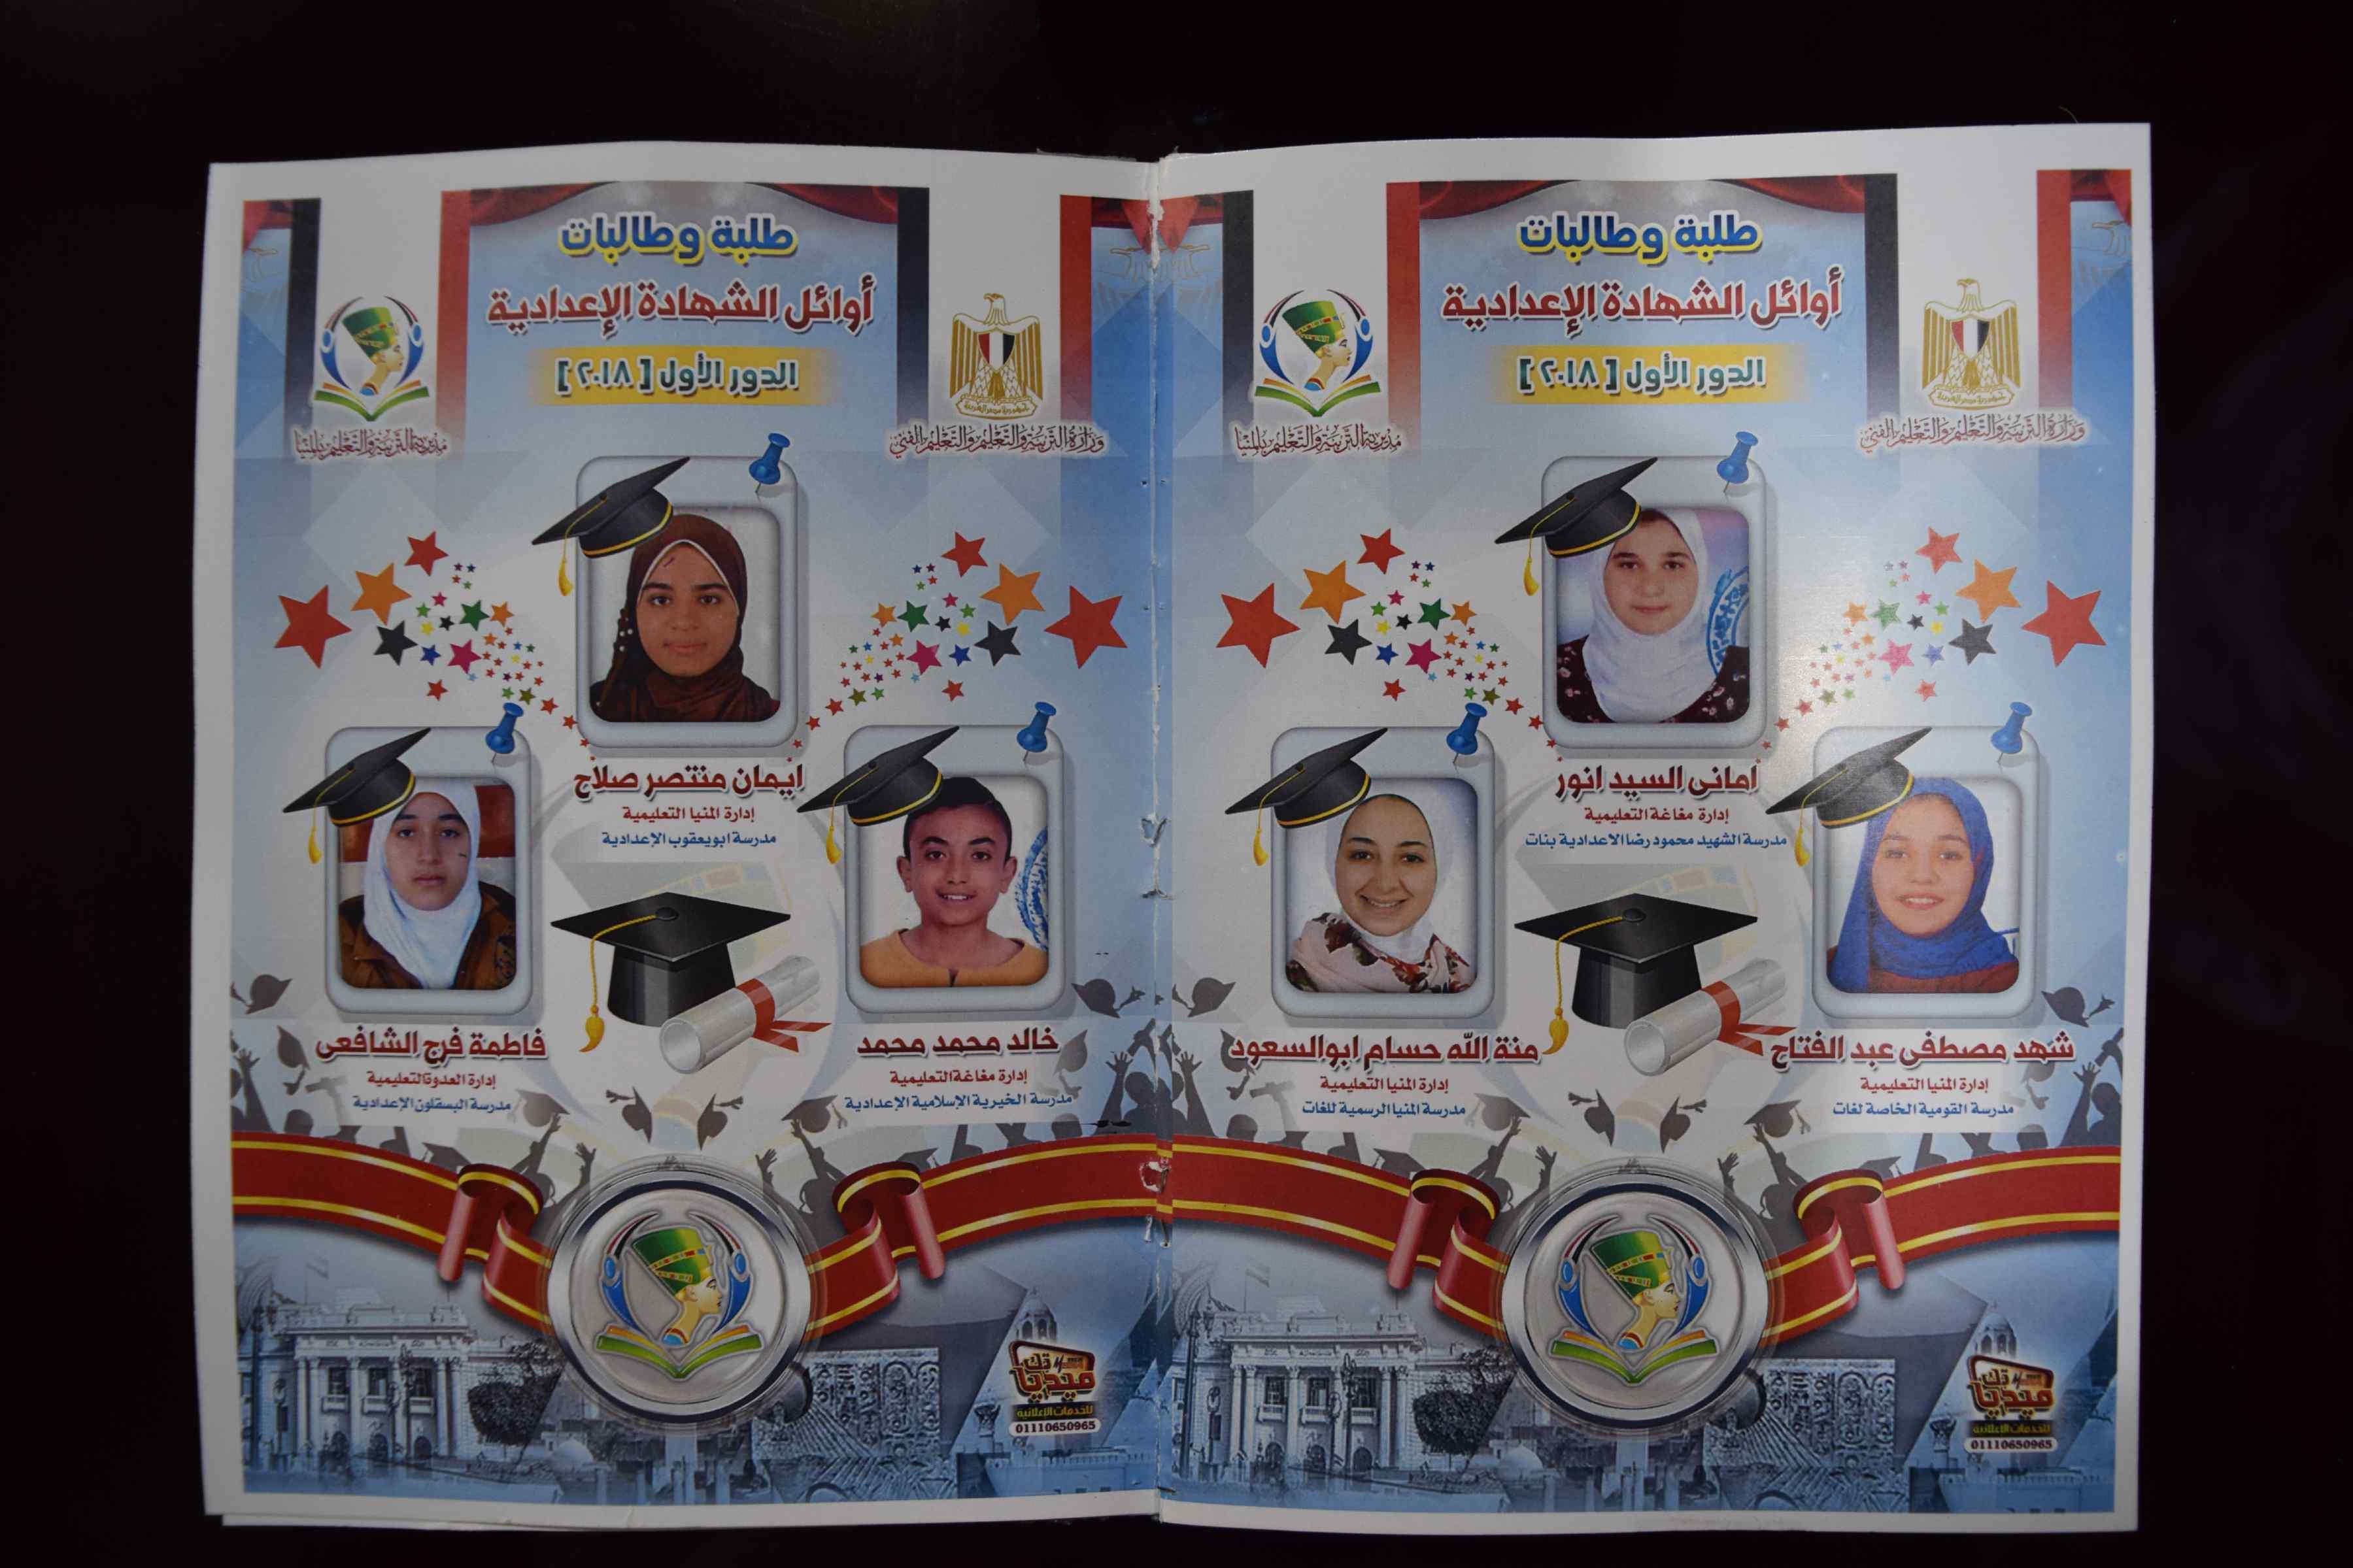 نتيجة الشهادة الابتدائية والإعدادية محافظة المنيا 2019 برقم الجلوس 7